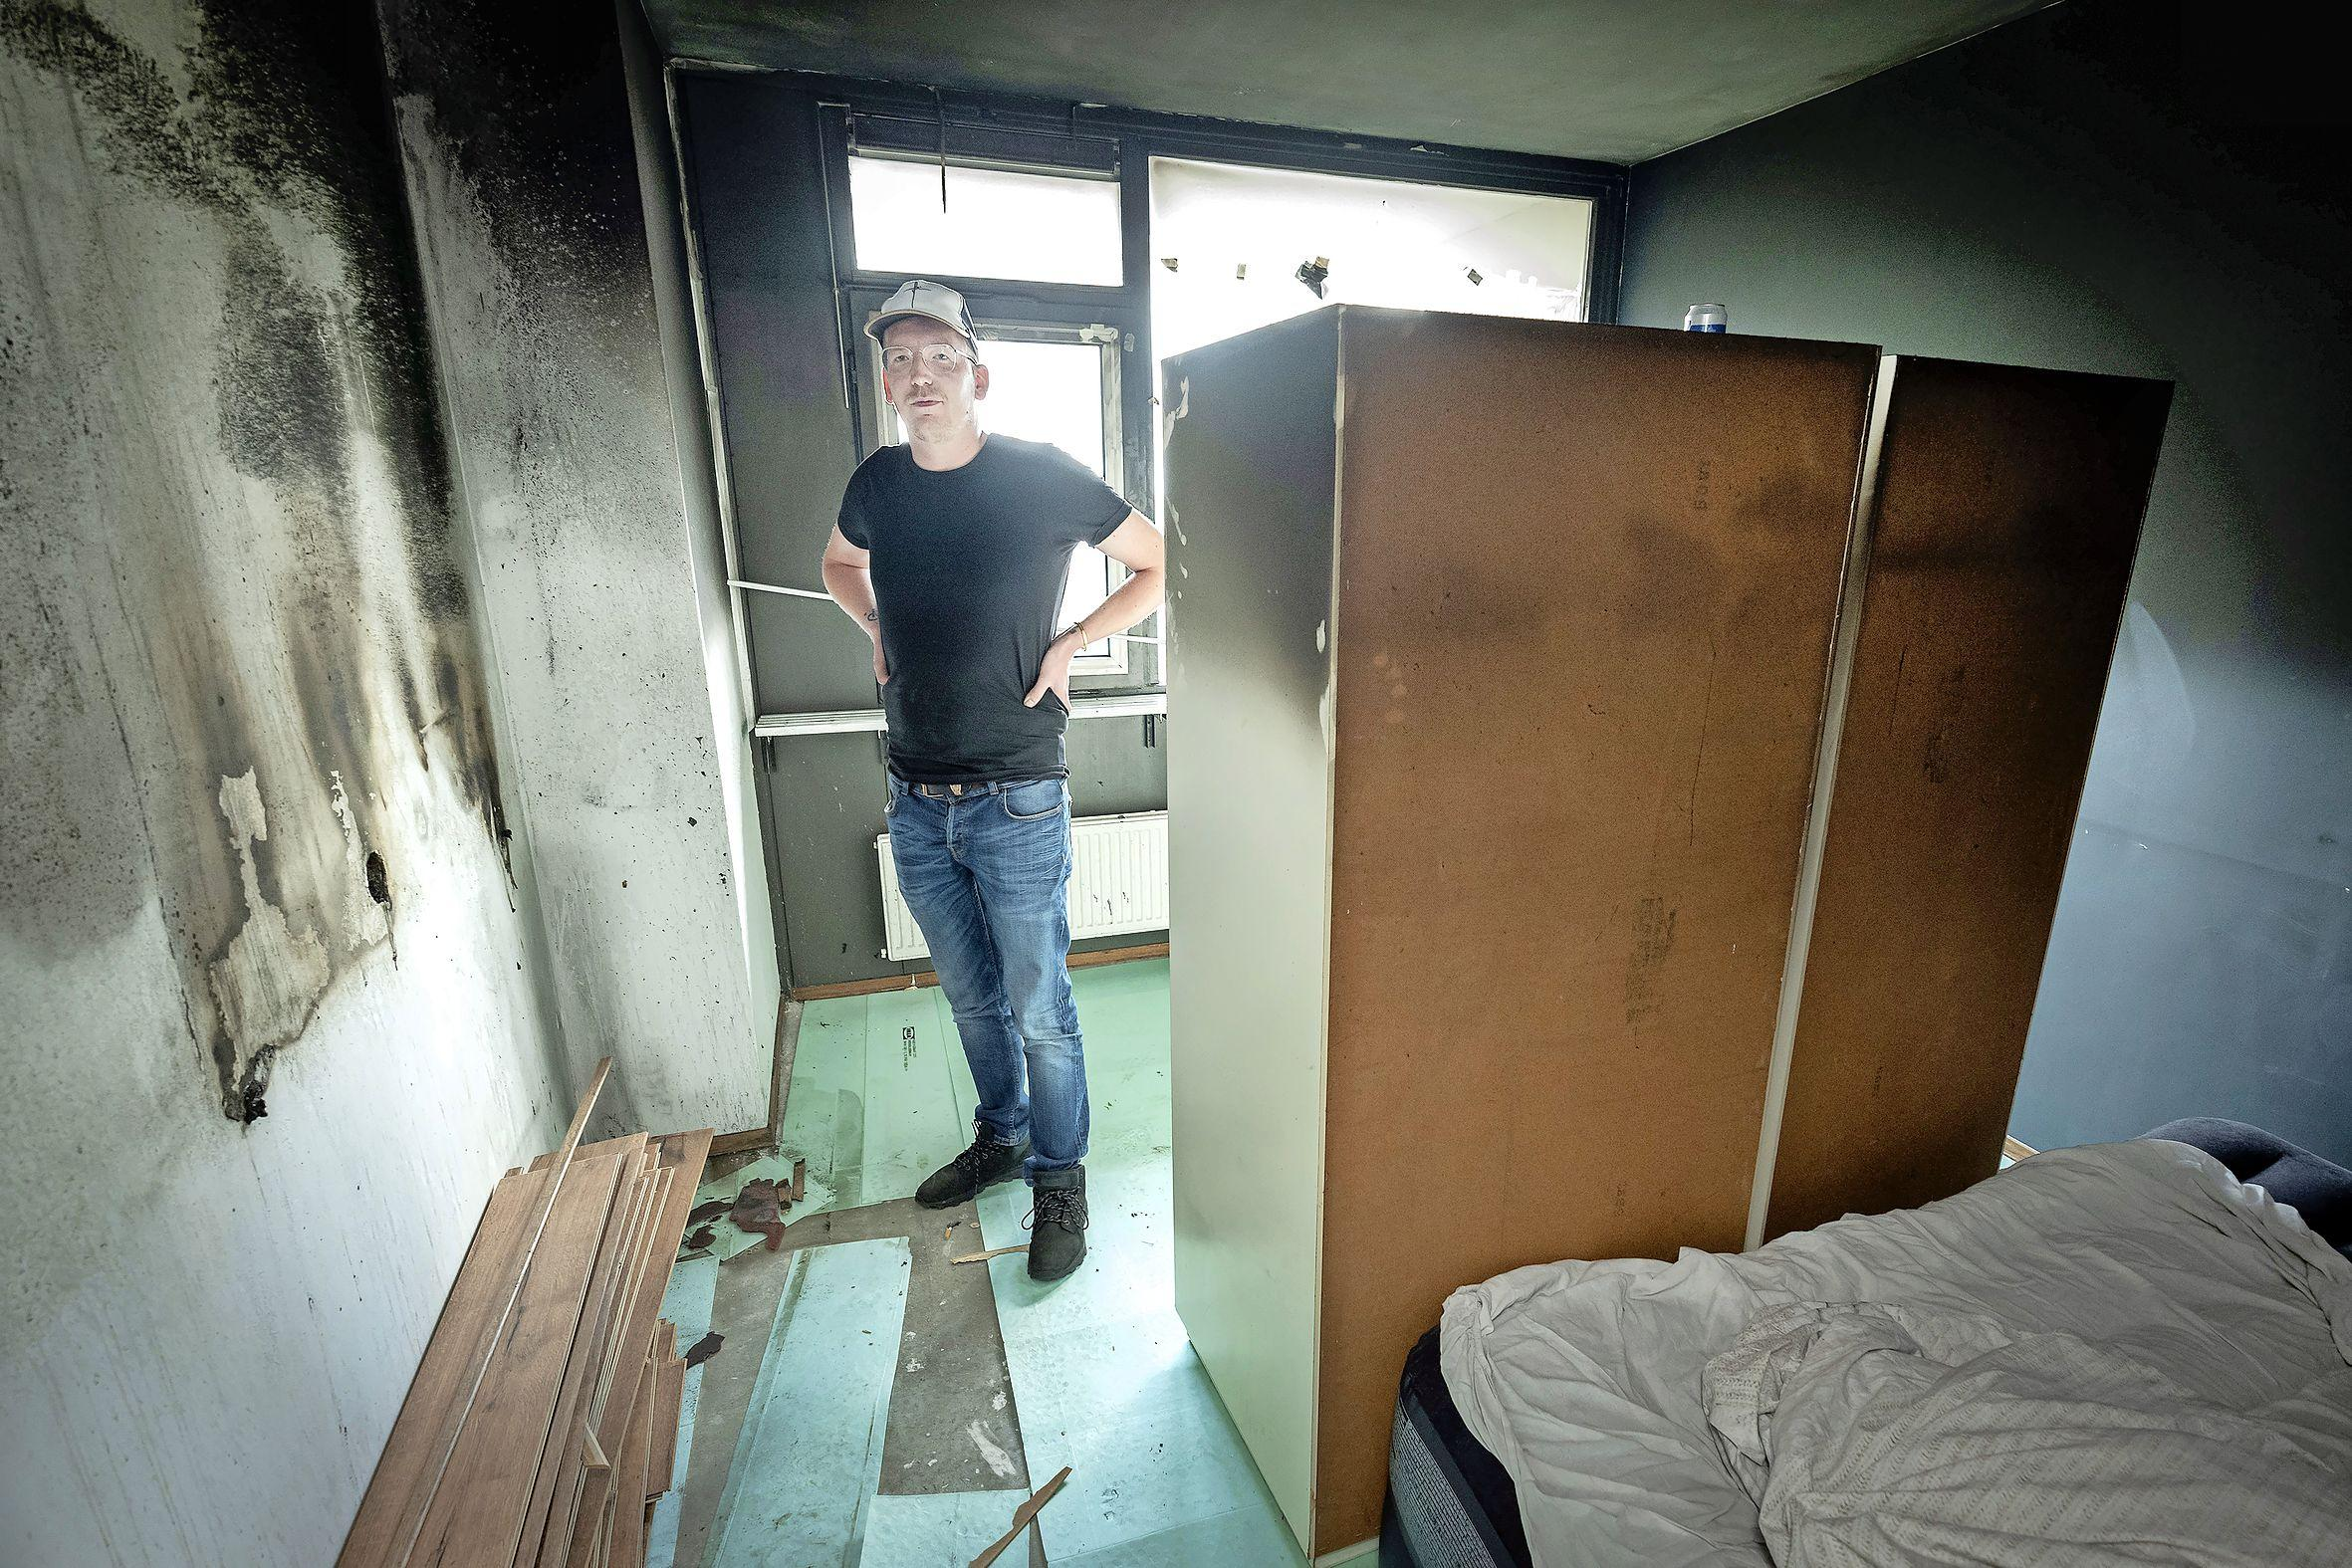 Virgil Schouten ziet zijn flatwoning in vlammen opgaan. 'Voor hetzelfde geld was ik gestikt in m'n slaap'